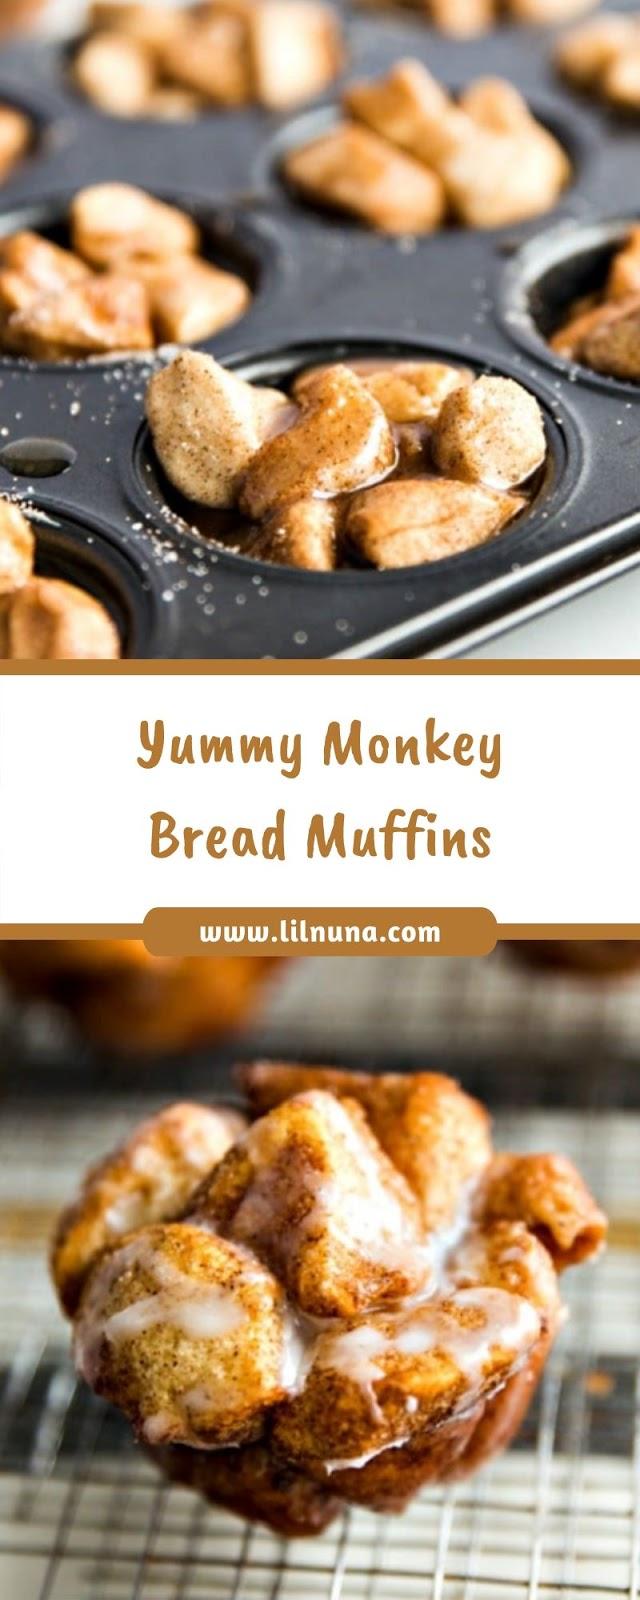 Yummy Monkey Bread Muffins